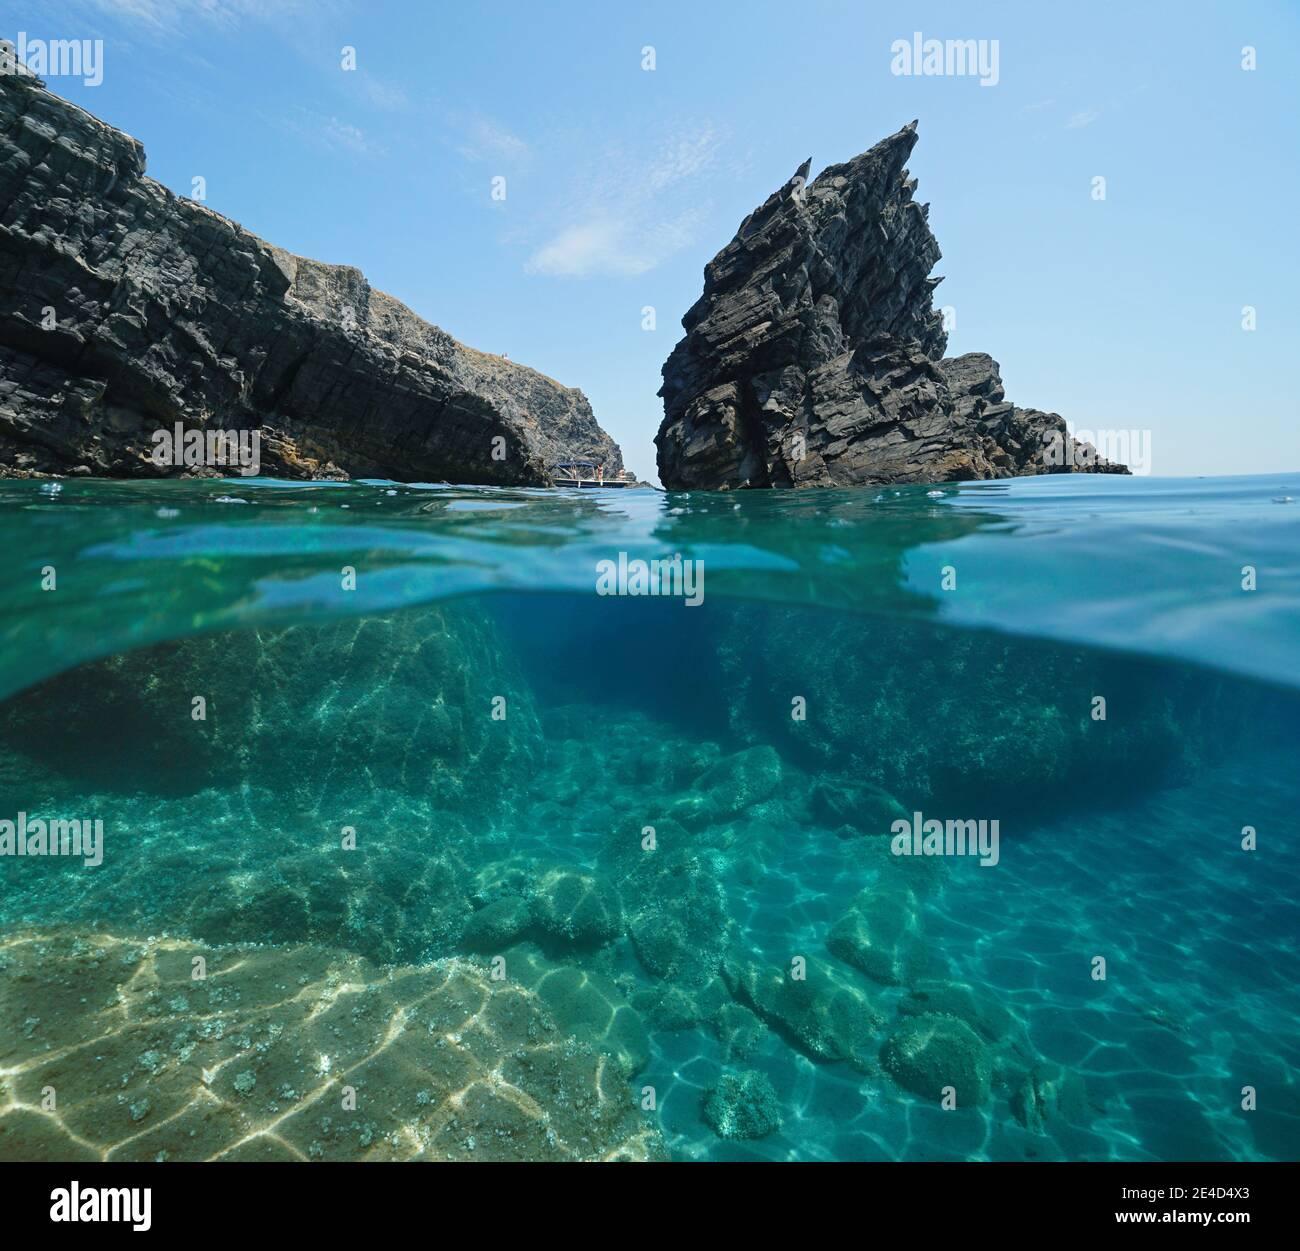 Mar Mediterráneo, escarpada roca y costa rocosa, vista dividida medio sobre y bajo el agua, Cap Cerbere en la frontera entre España y Francia Foto de stock